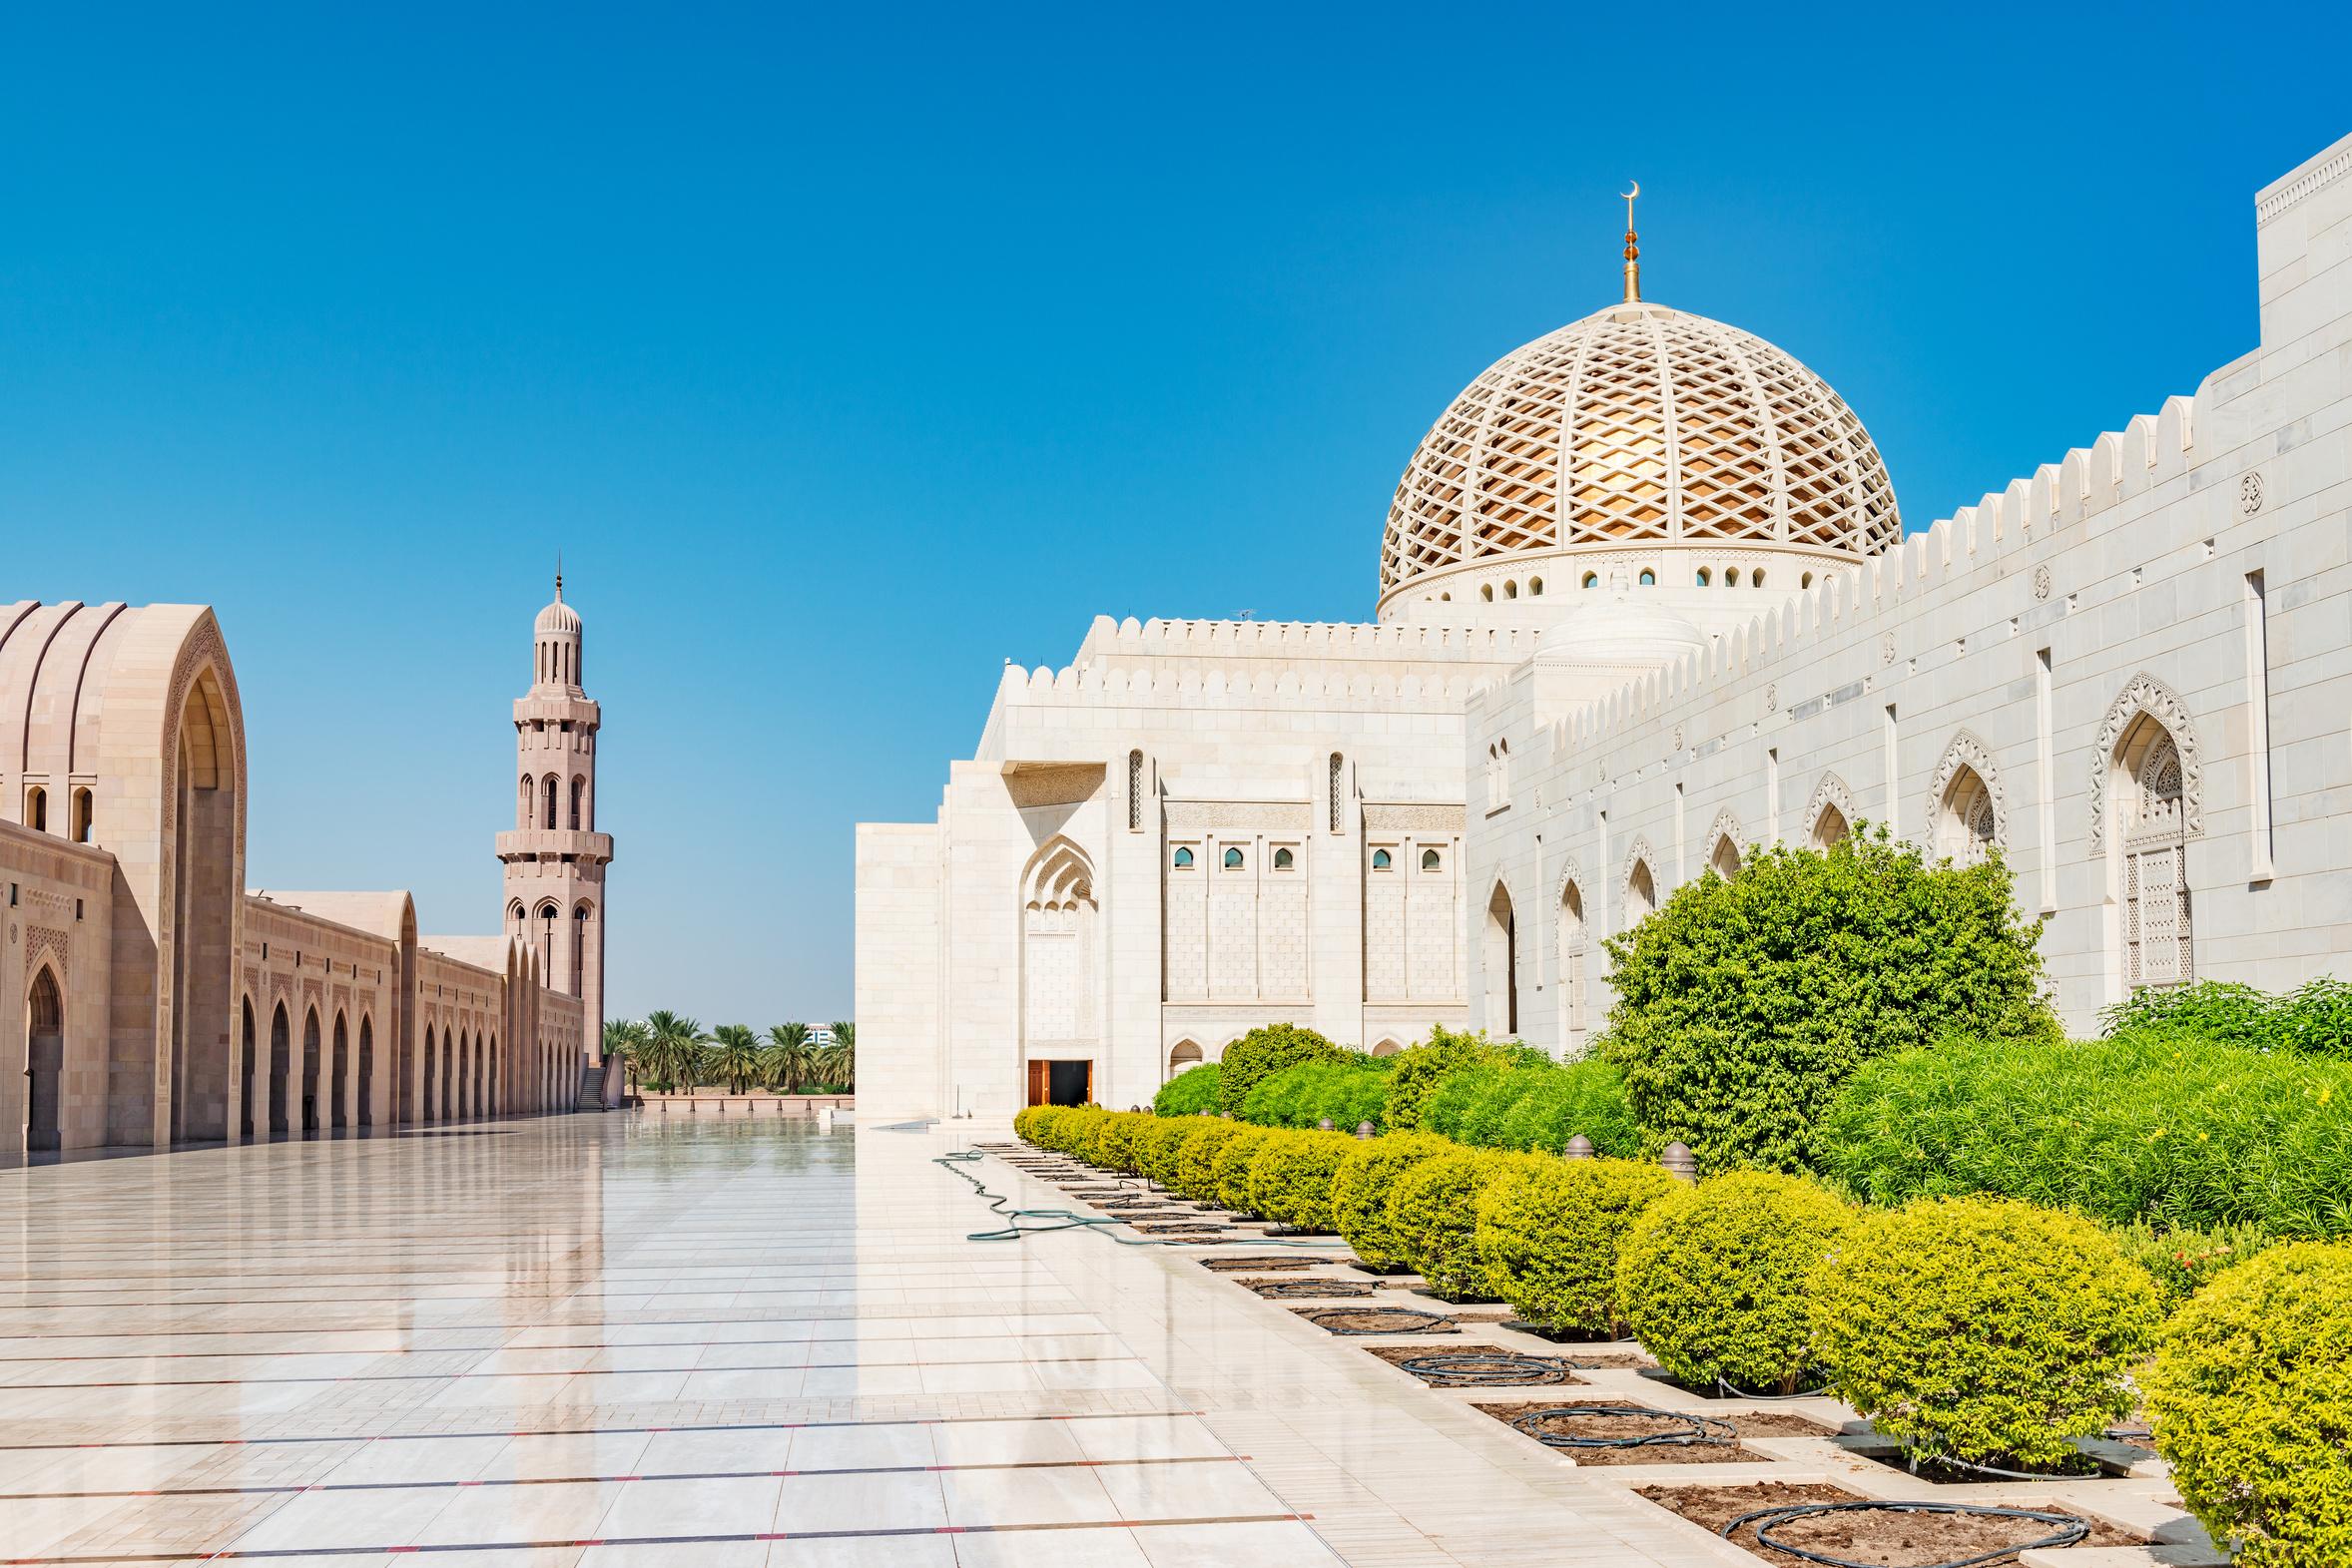 arabskie słowa, co znaczy habibi